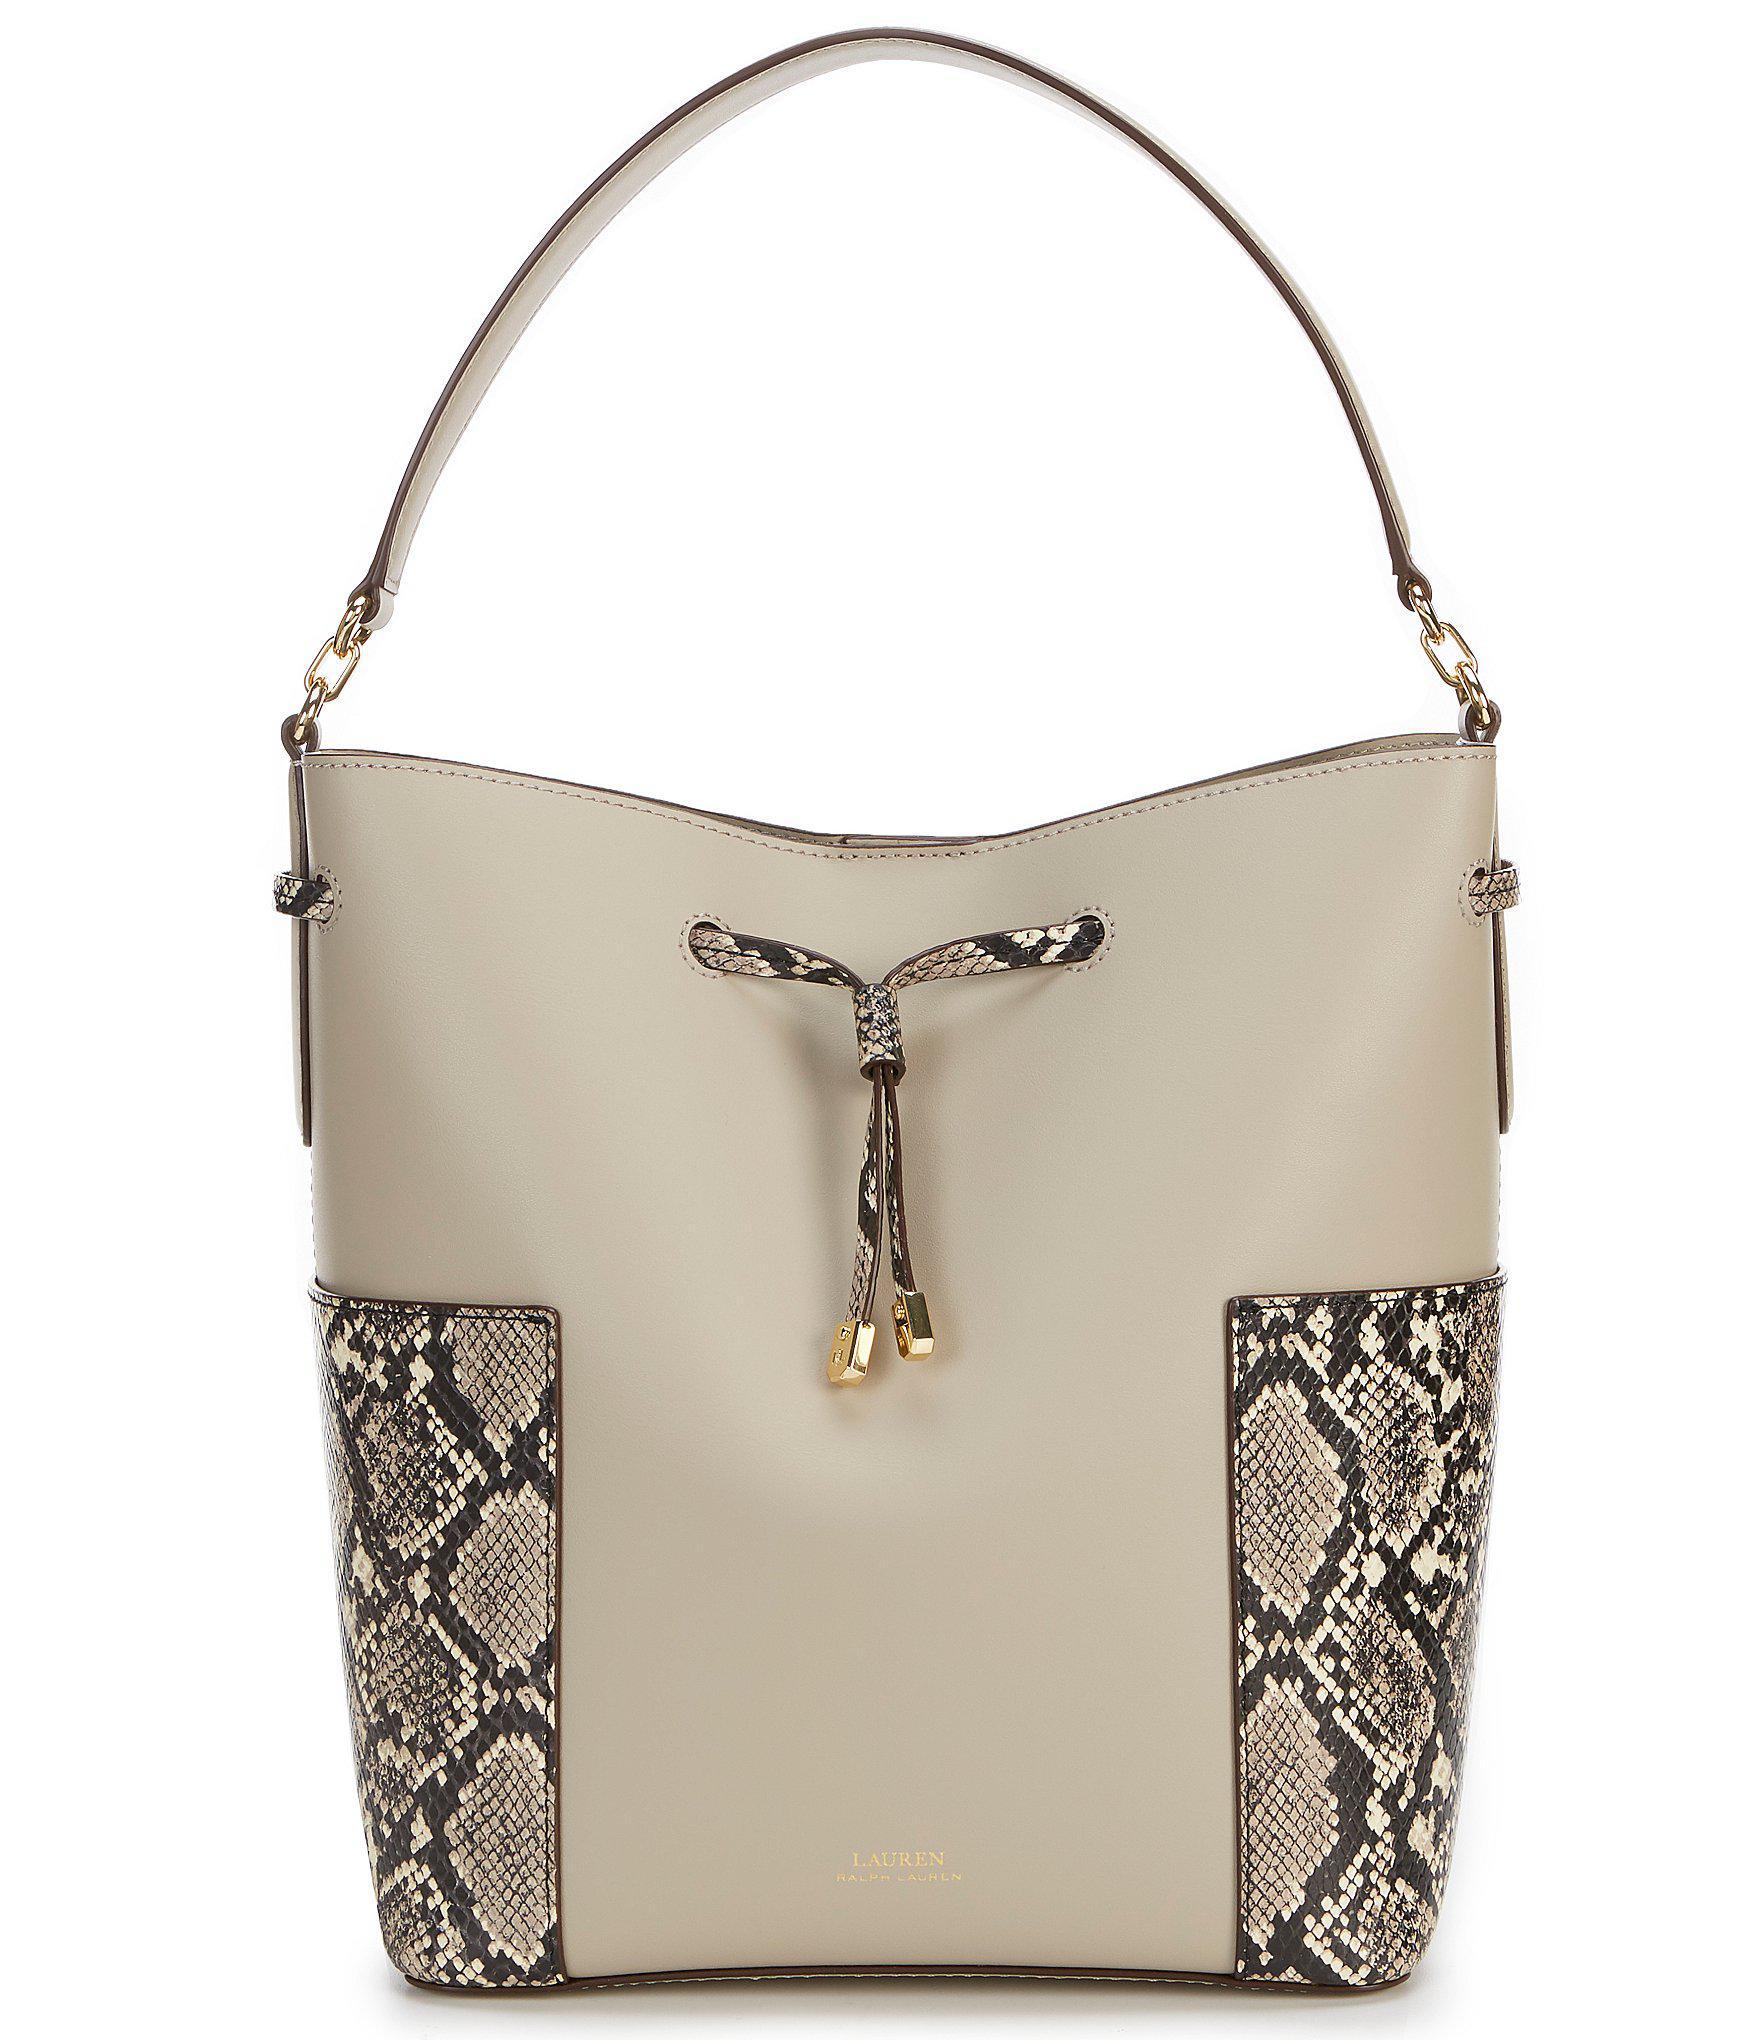 Lyst - Lauren by Ralph Lauren Dryden Bucket Bag (black natural ... e49959083f033